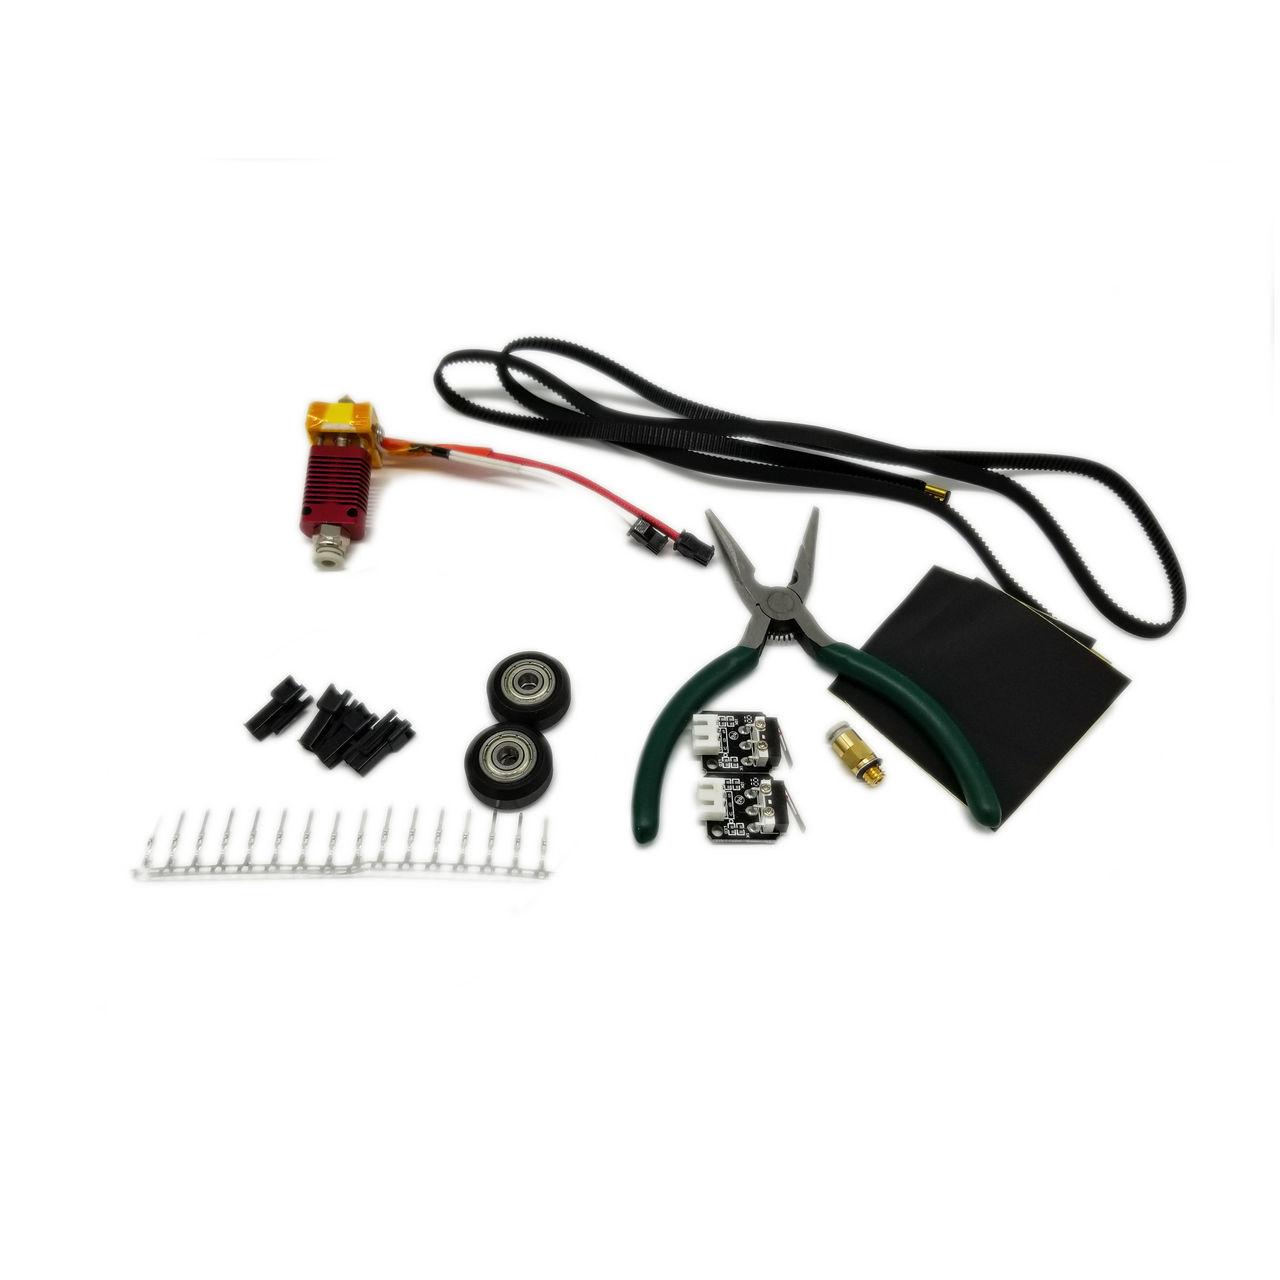 Creality CR-10 Repair Kit - 3D Printer Canada